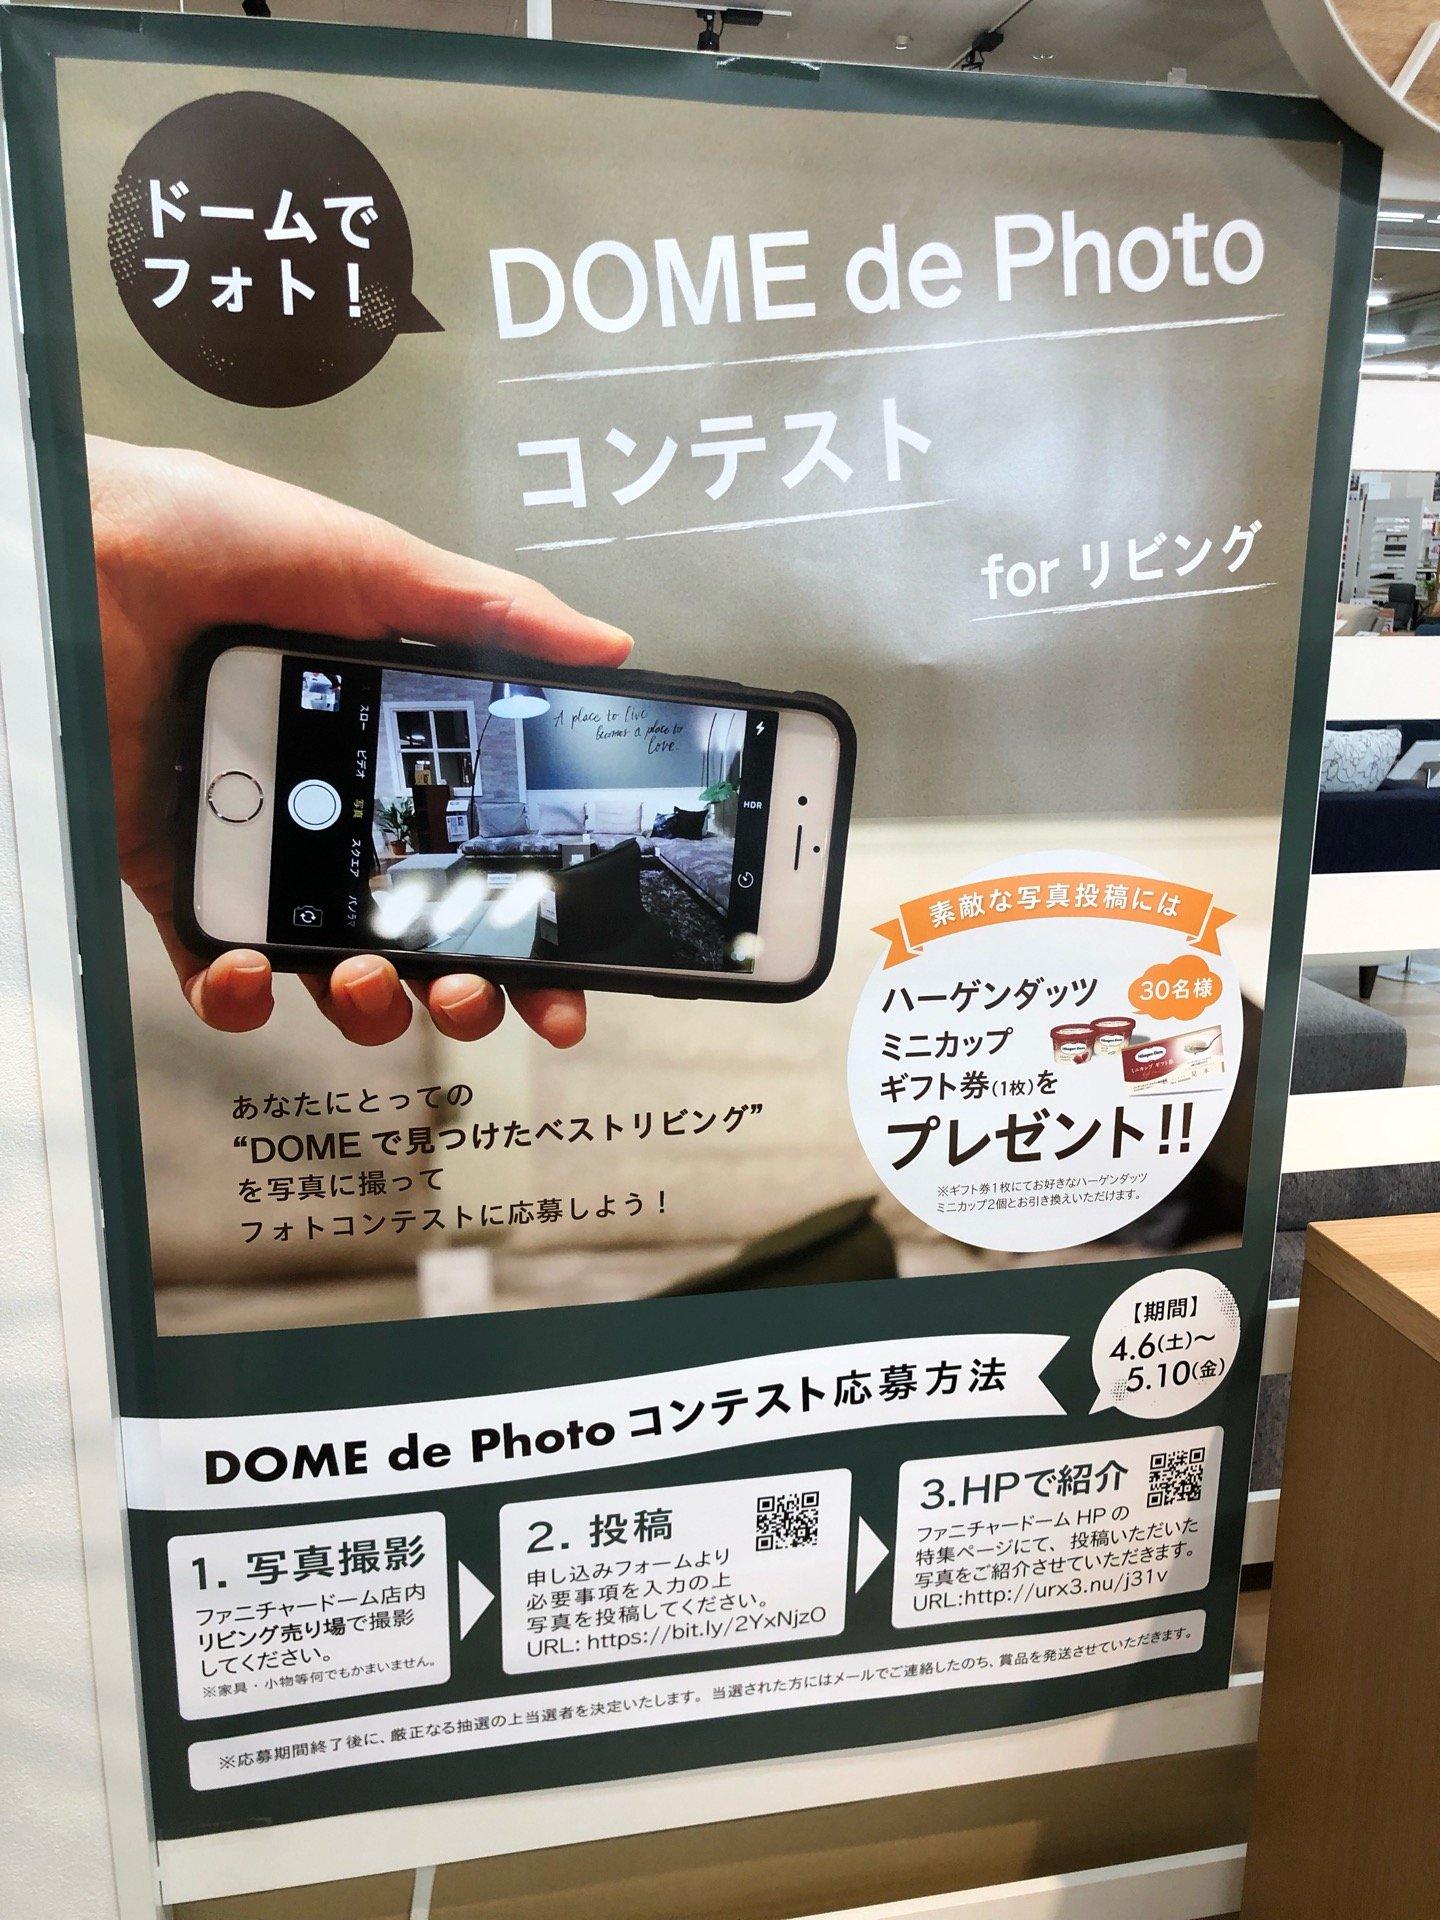 以前は店内撮影禁止だった気がするけど、こういう展開になるとは。 (@ Furniture DOME in 小牧市, 愛知県) https://t.co/ELeyRN0ef8 https://t.co/sCyXFTQNi9